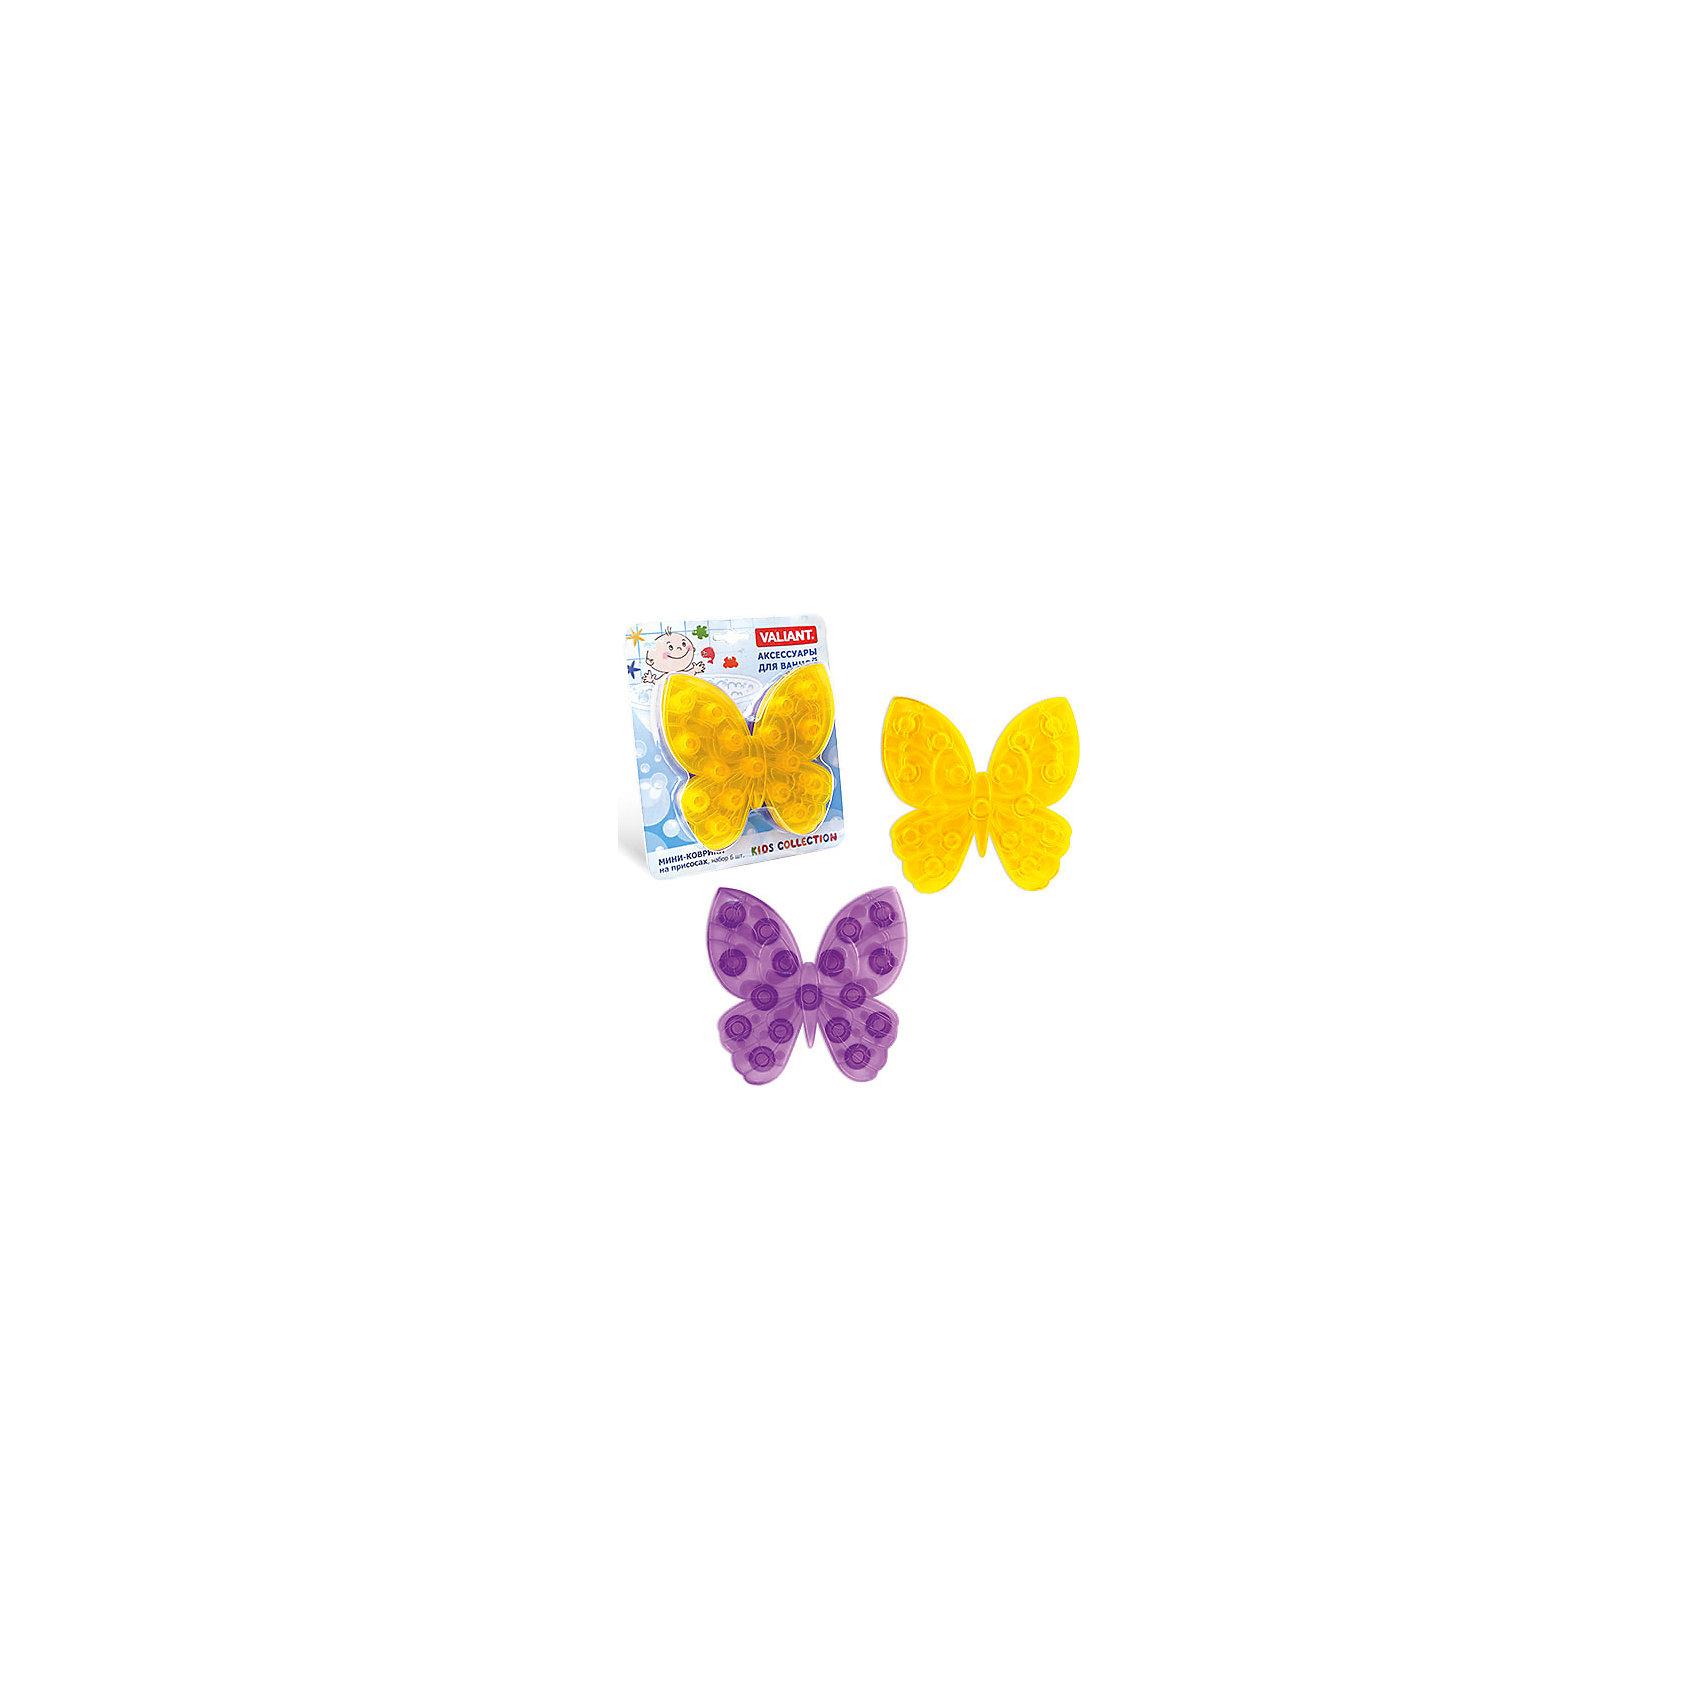 Набор ковриков Мотылек на присосках (6 шт)Мини-коврики для ванной комнаты - это яркое дополнение к купанию малыша. Это и игра и развитие моторики и изучение зверушек. <br>Колоссальный и постоянно растущий спрос на них обусловлен реакцией малышей и их мам на данное изобретение по всему миру.<br>Мини-коврики снабжены присосками и превосходно клеятся на влажный кафель.<br><br>Ширина мм: 170<br>Глубина мм: 35<br>Высота мм: 200<br>Вес г: 192<br>Возраст от месяцев: -2147483648<br>Возраст до месяцев: 2147483647<br>Пол: Унисекс<br>Возраст: Детский<br>SKU: 4563329